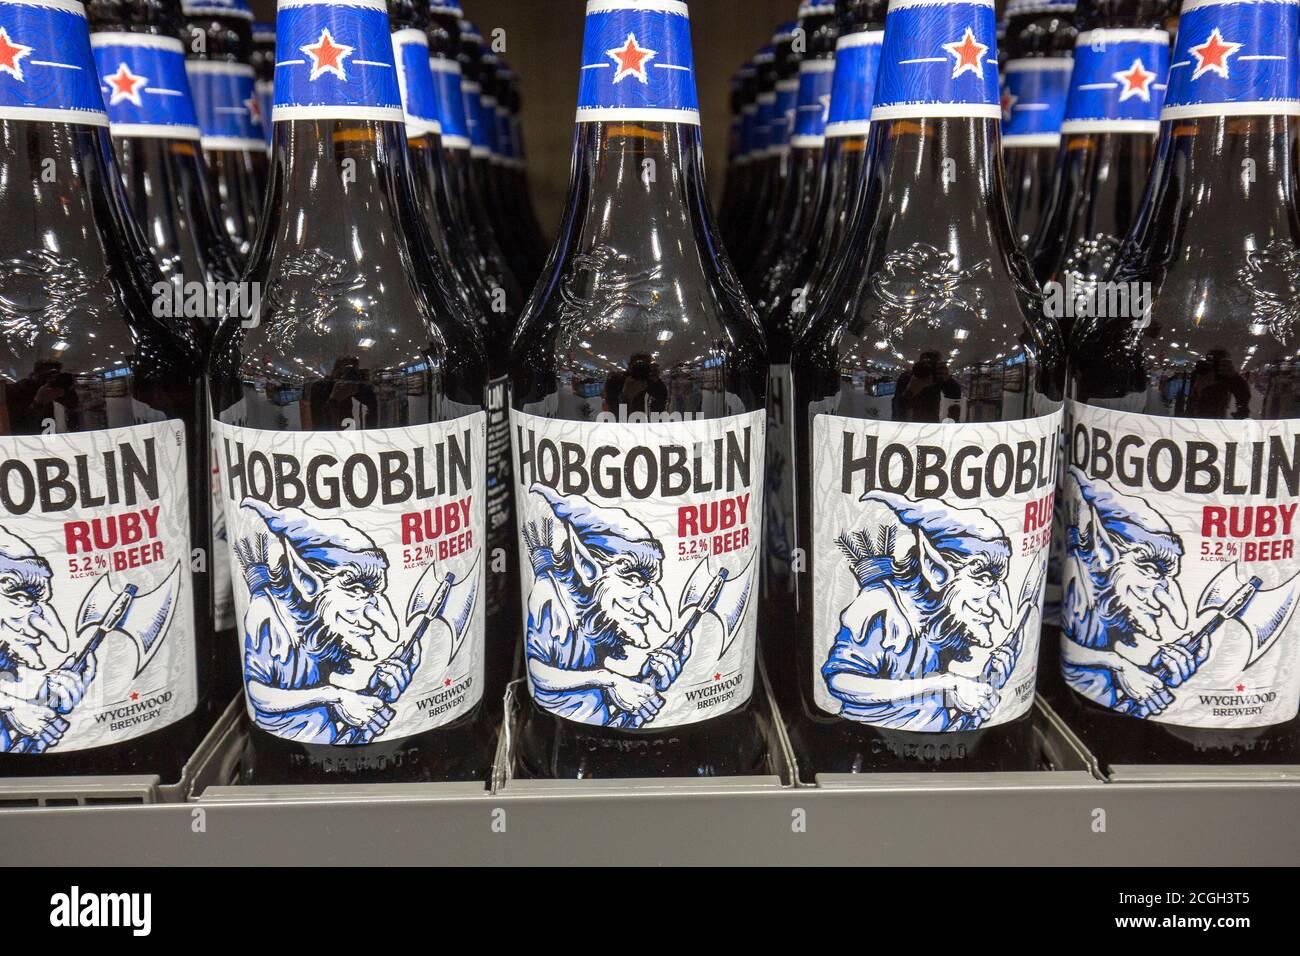 Botellas de cerveza Hobgoblin en un supermercado Aldi Foto de stock